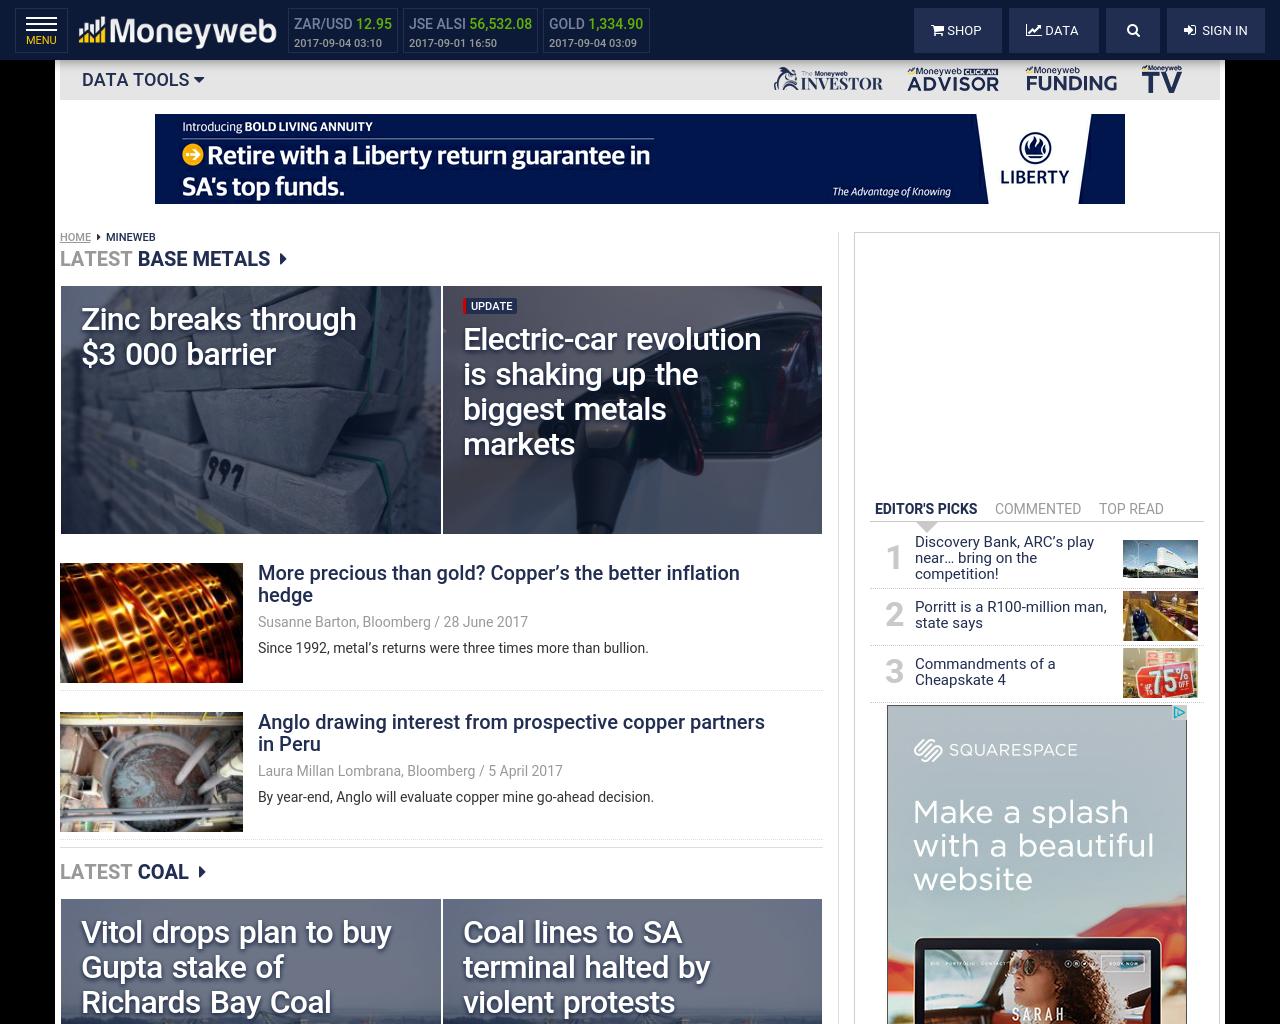 Mineweb-Advertising-Reviews-Pricing